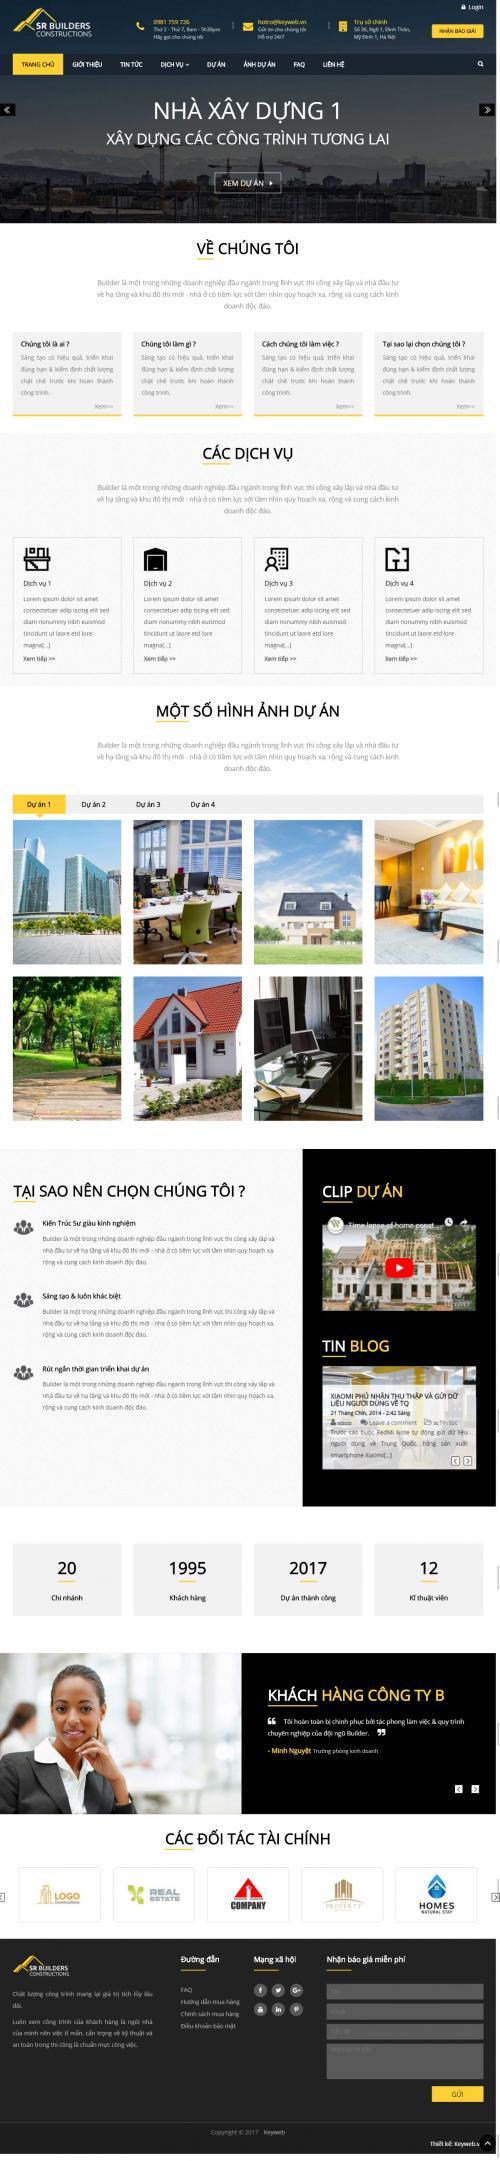 Thiết kế website công ty xd 2